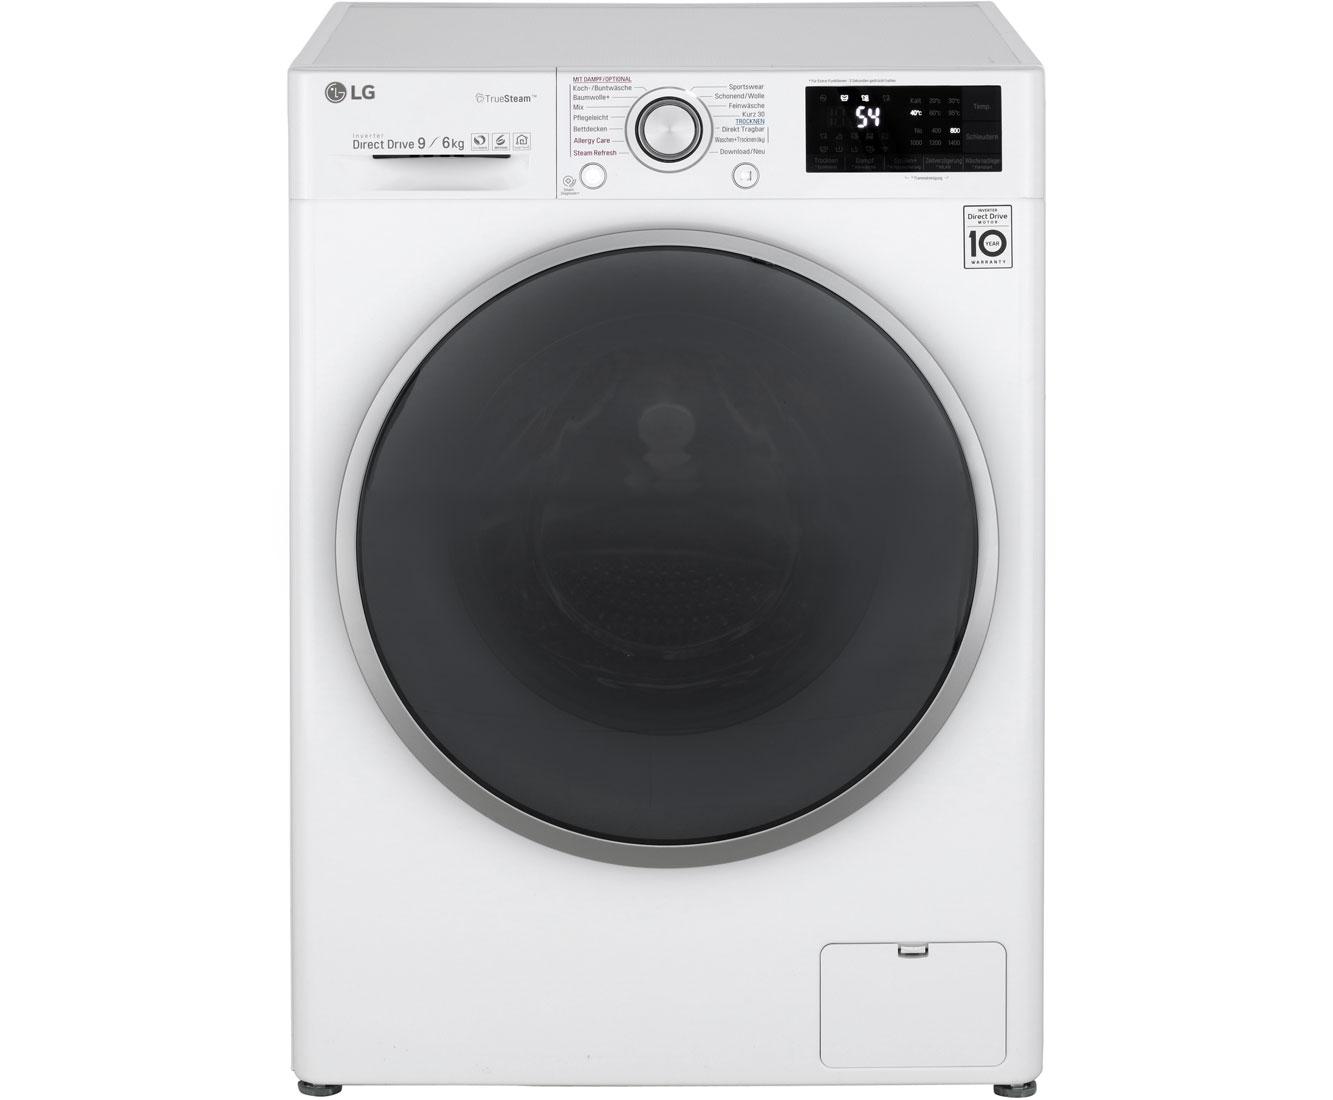 Lg f wd eh waschtrockner freistehend weiss neu ebay